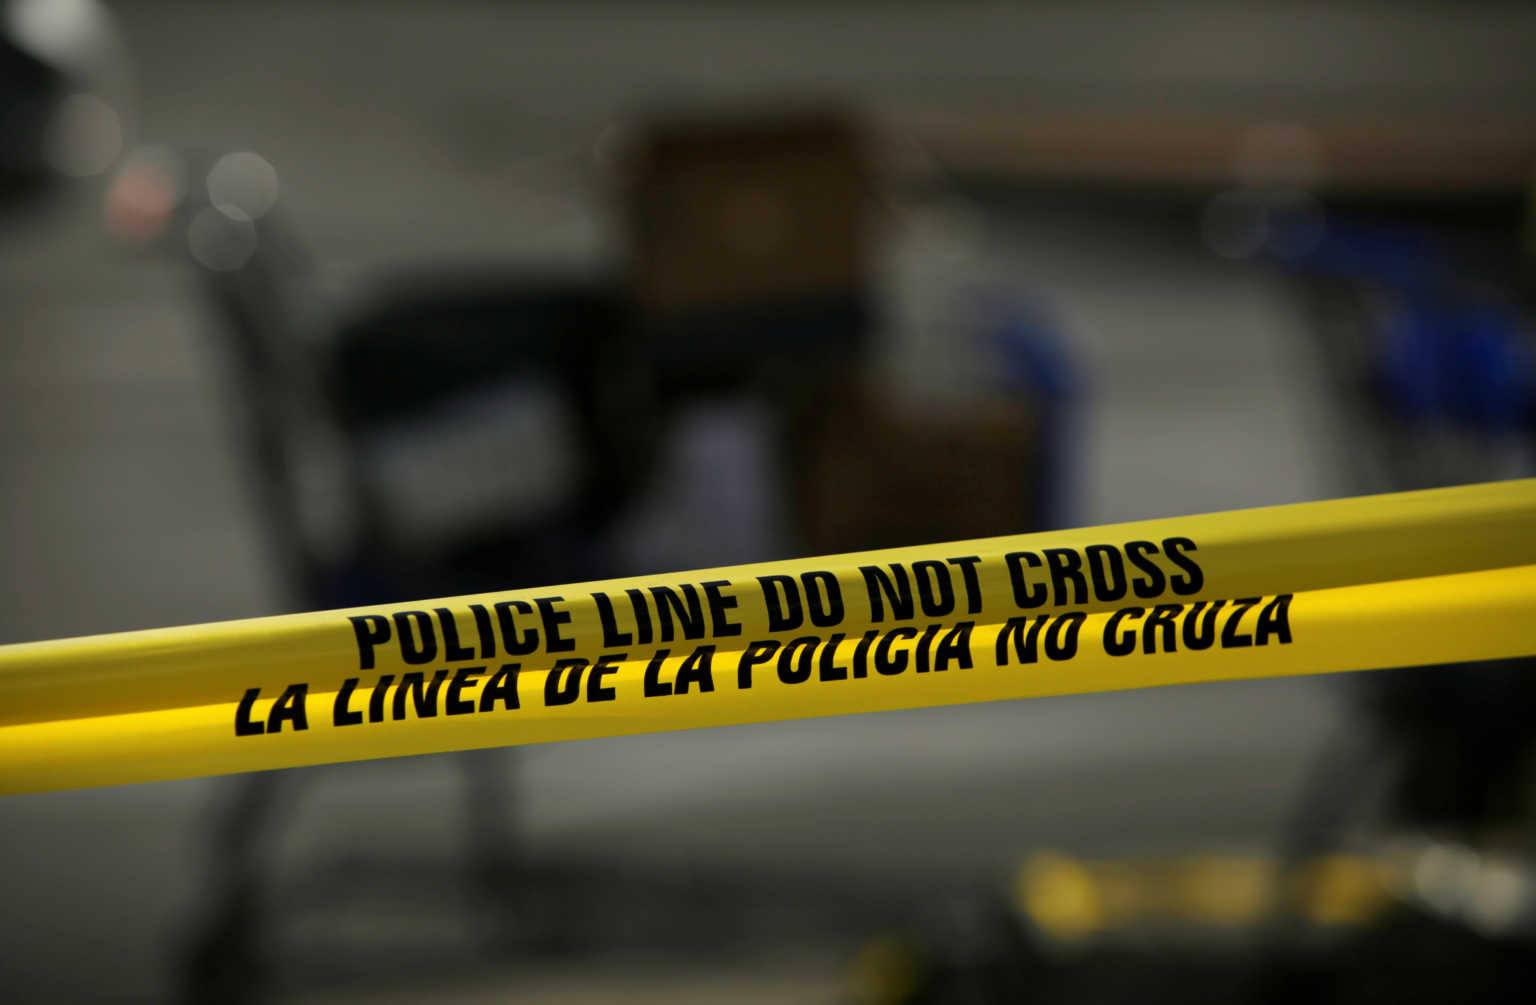 Αστυνομικοί άνοιξαν πυρ και ξυλοκόπησαν πελάτες σούπερ μάρκετ που δεν τηρούσαν την καραντίνα